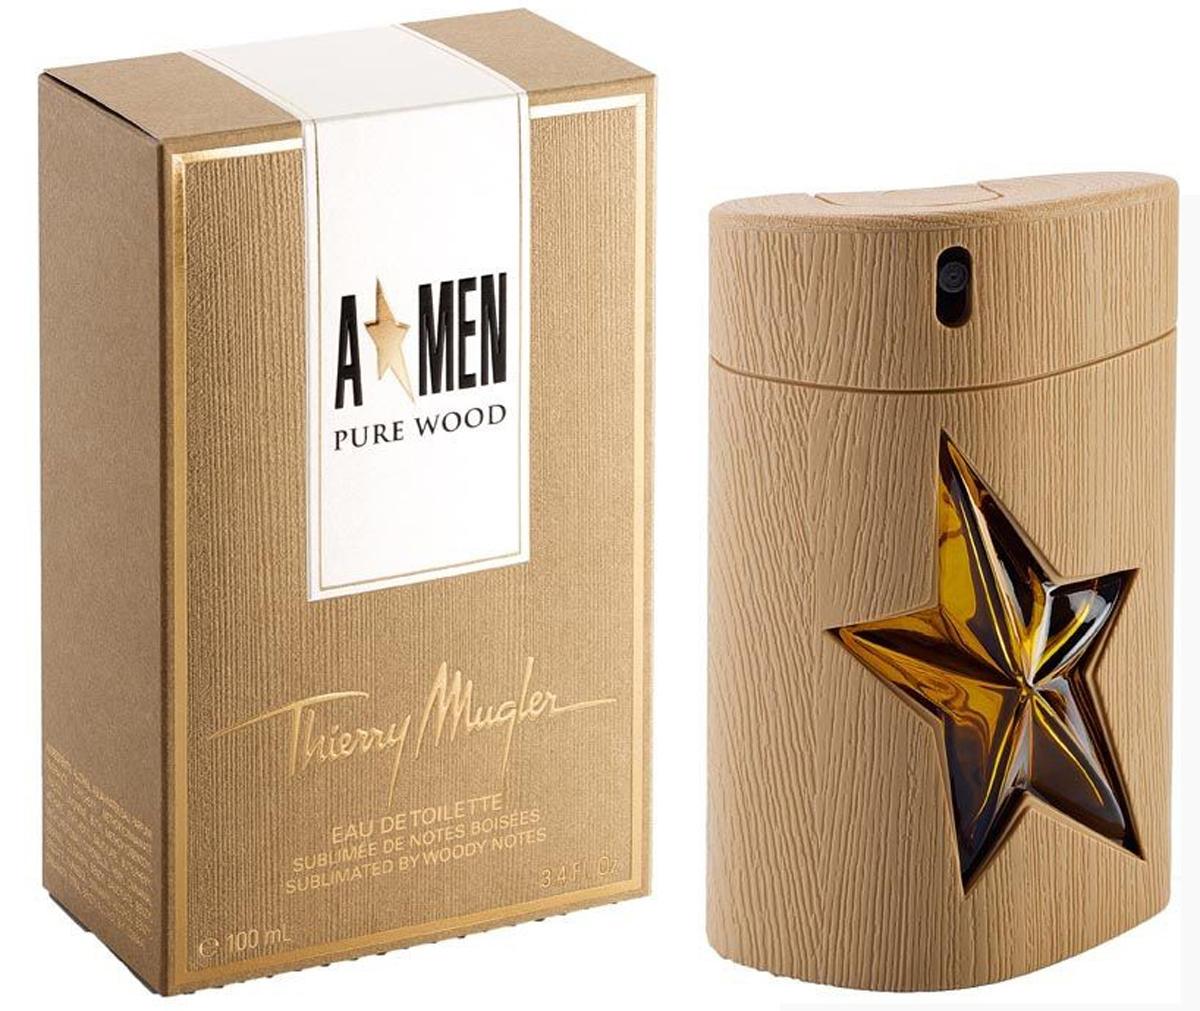 Thierry Mugler Туалетная вода A*Men Pure Wood, мужская, 100 мл1092018Тип аромата: восточные, древесные.Начальная нота: дуб, кофе.Нота сердца: ваниль, пачули.Конечная нота: кипарис.